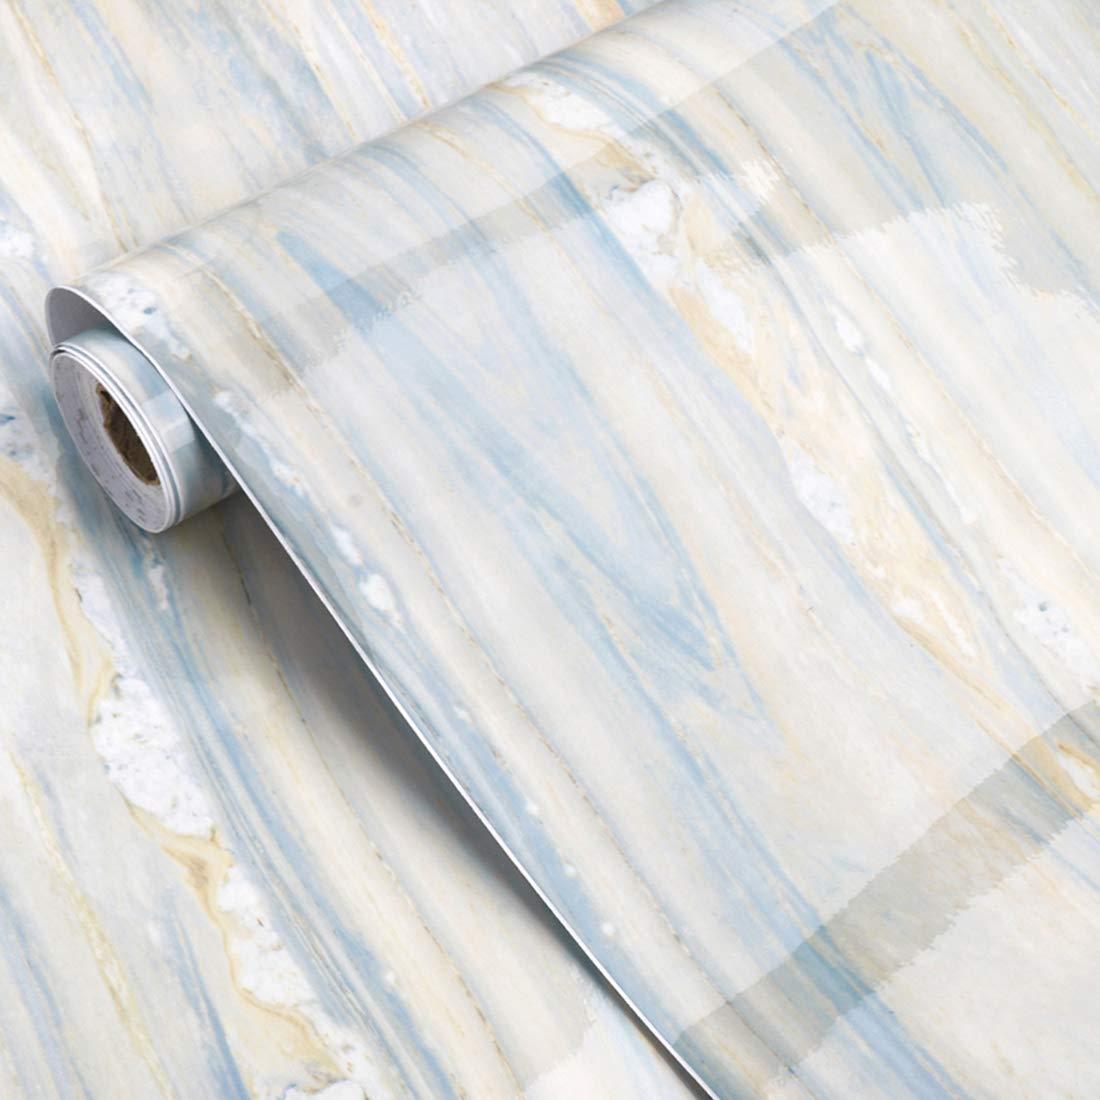 Glow4u - Papel de contacto con aspecto de granito de má rmol azul océ ano brillante, vinilo autoadhesivo, encimera de cocina, tablero trasero, estante de mesa, 24 por 196 pulgadas GL001